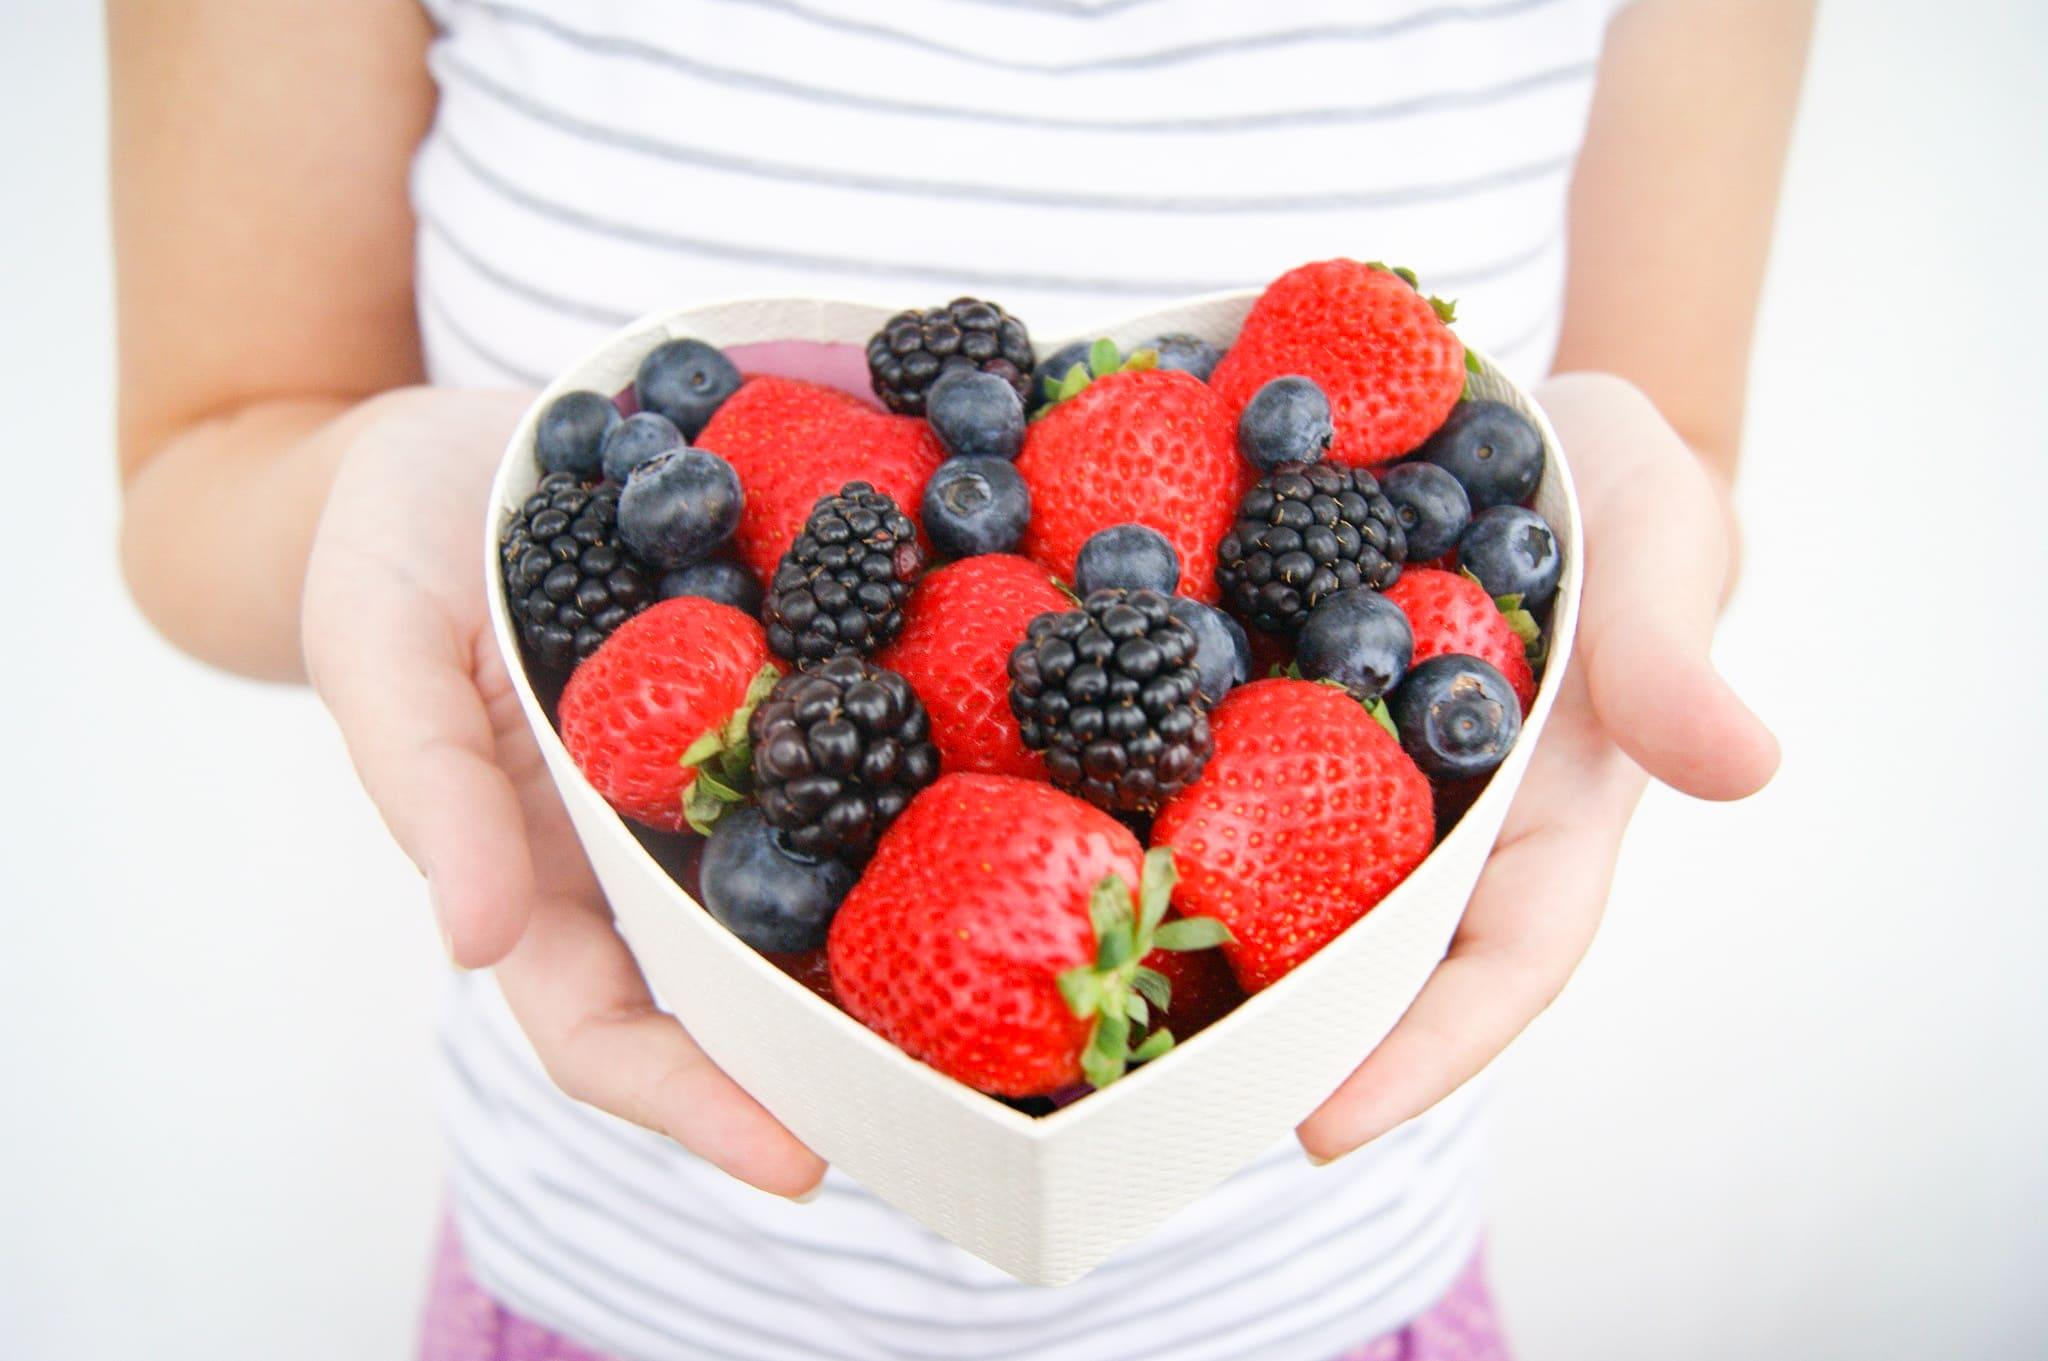 Всегда свежие ягоды, цветы и вкусный бельгийский шоколад Callebaut